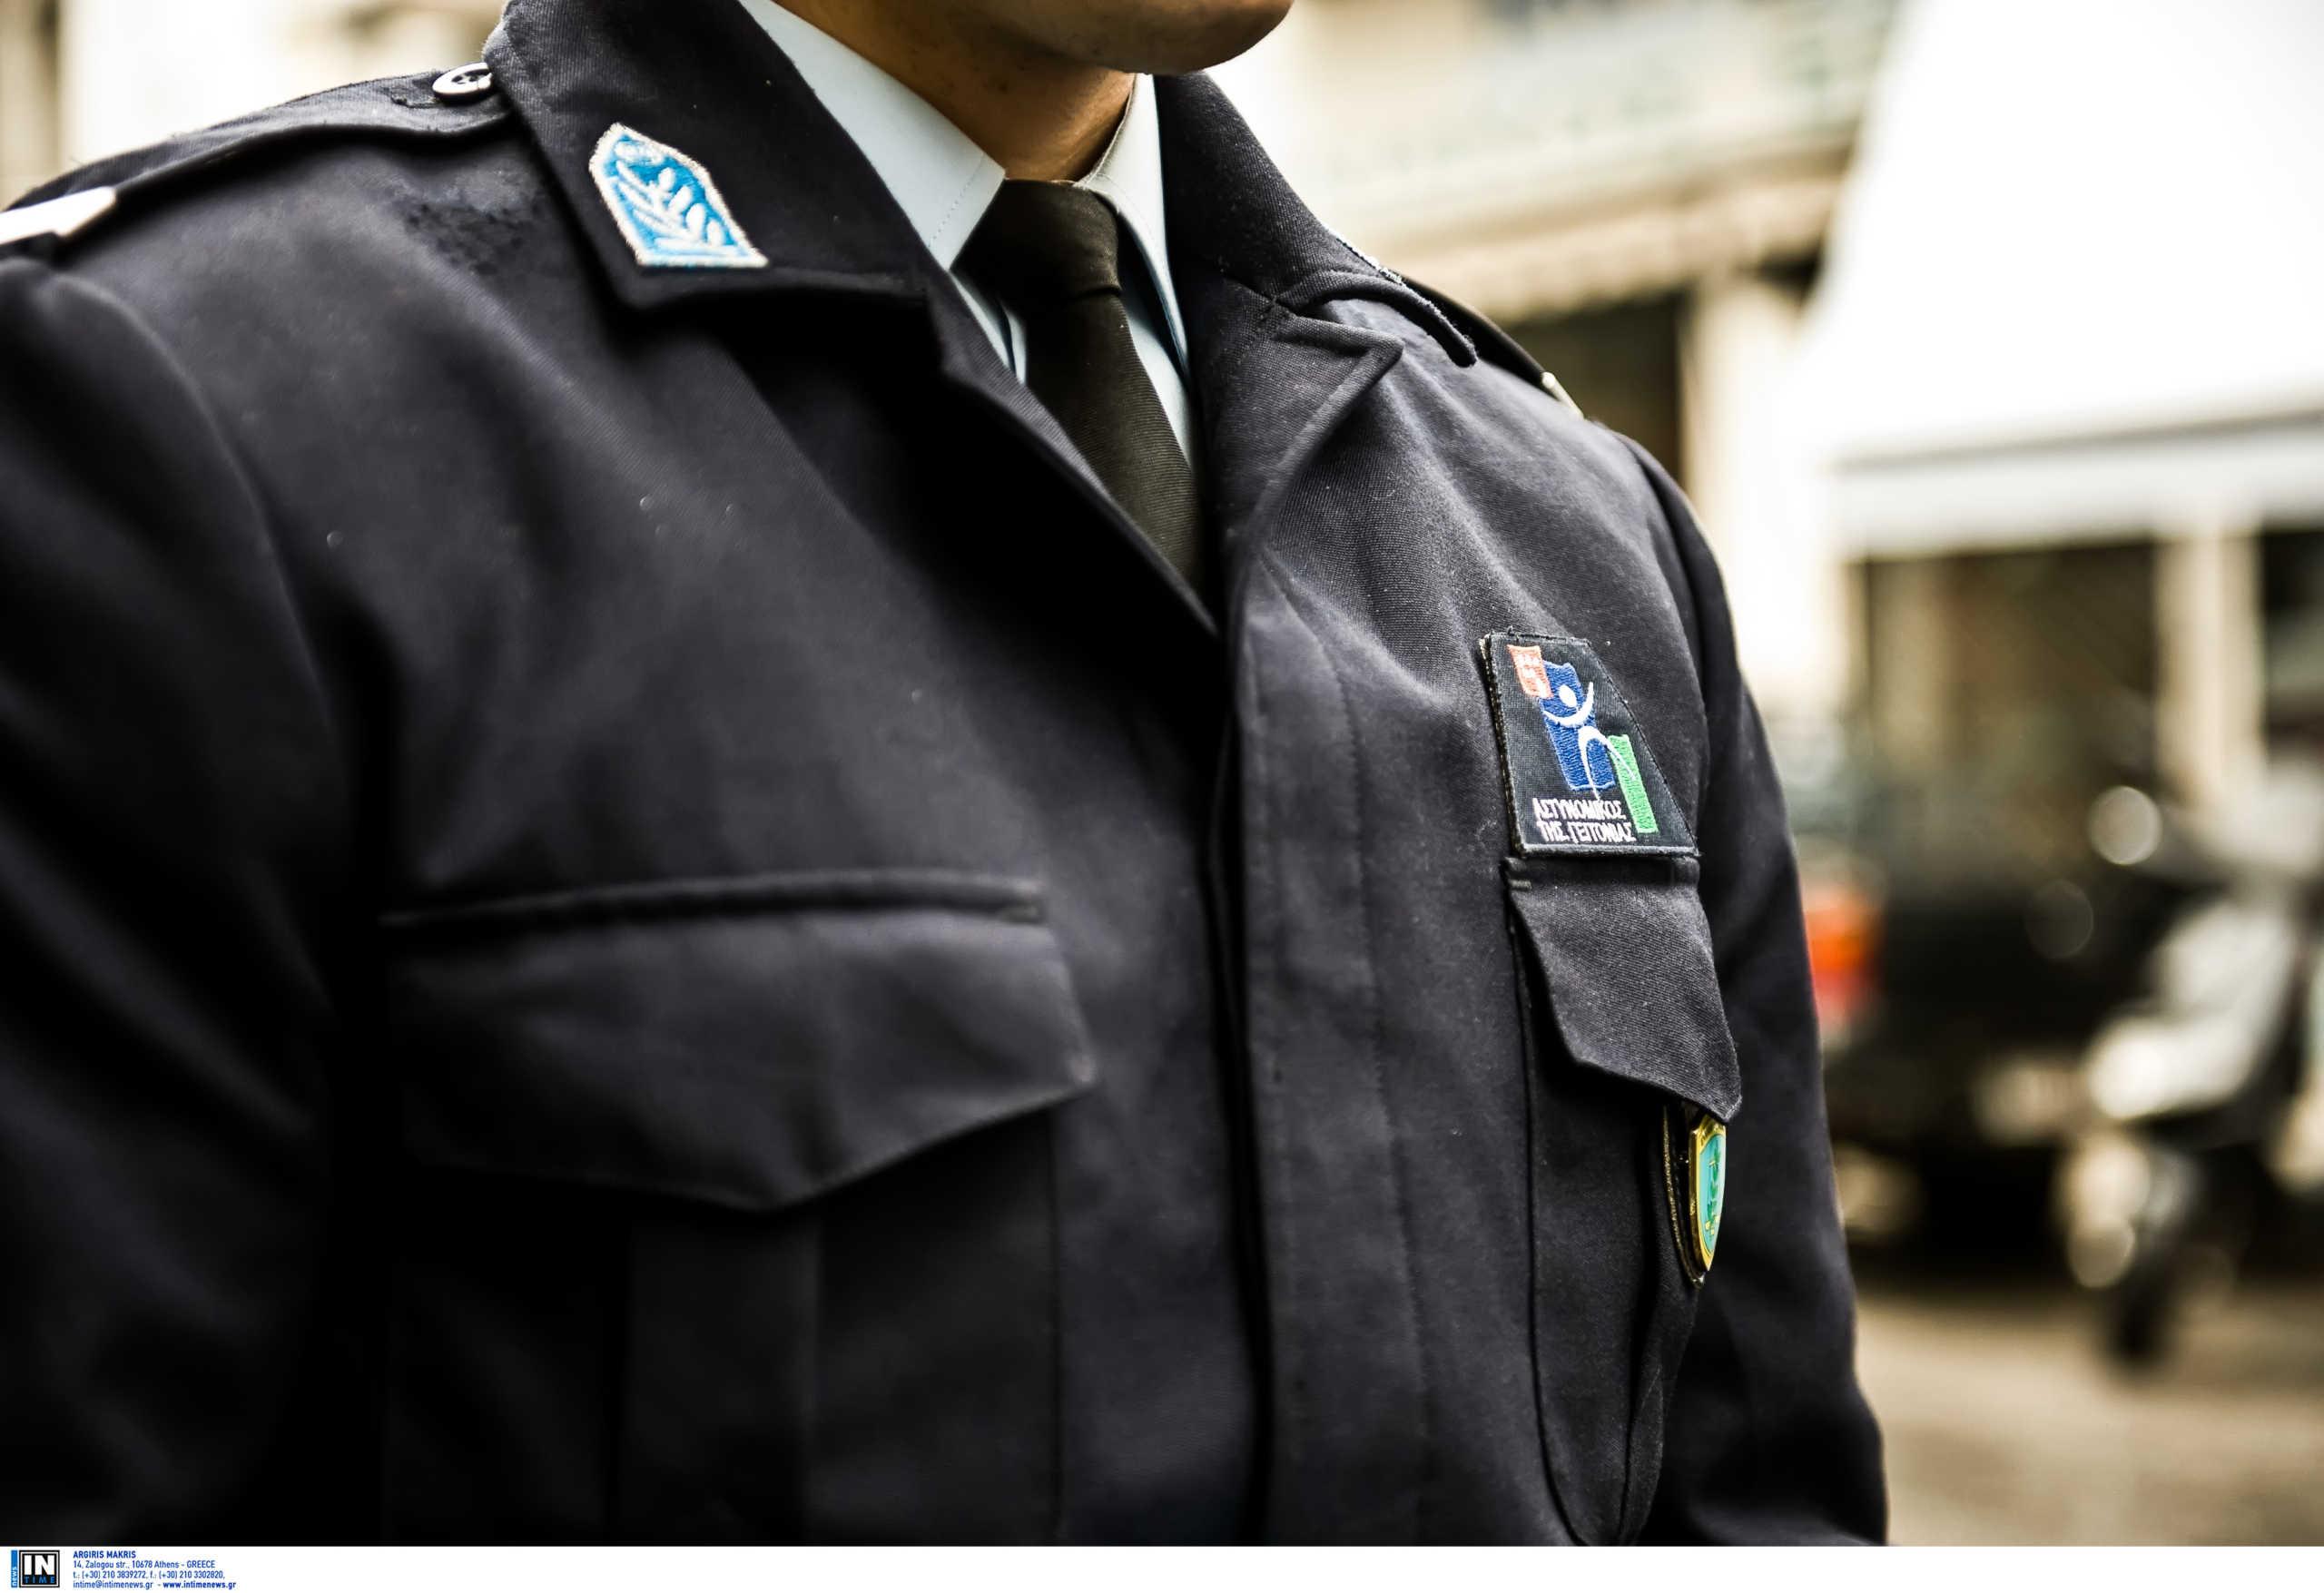 Ρέθυμνο: Απίθανες ιστορίες στον Μυλοπόταμο! Η άγνωστη απαγωγή και ο φόβος των αστυνομικών